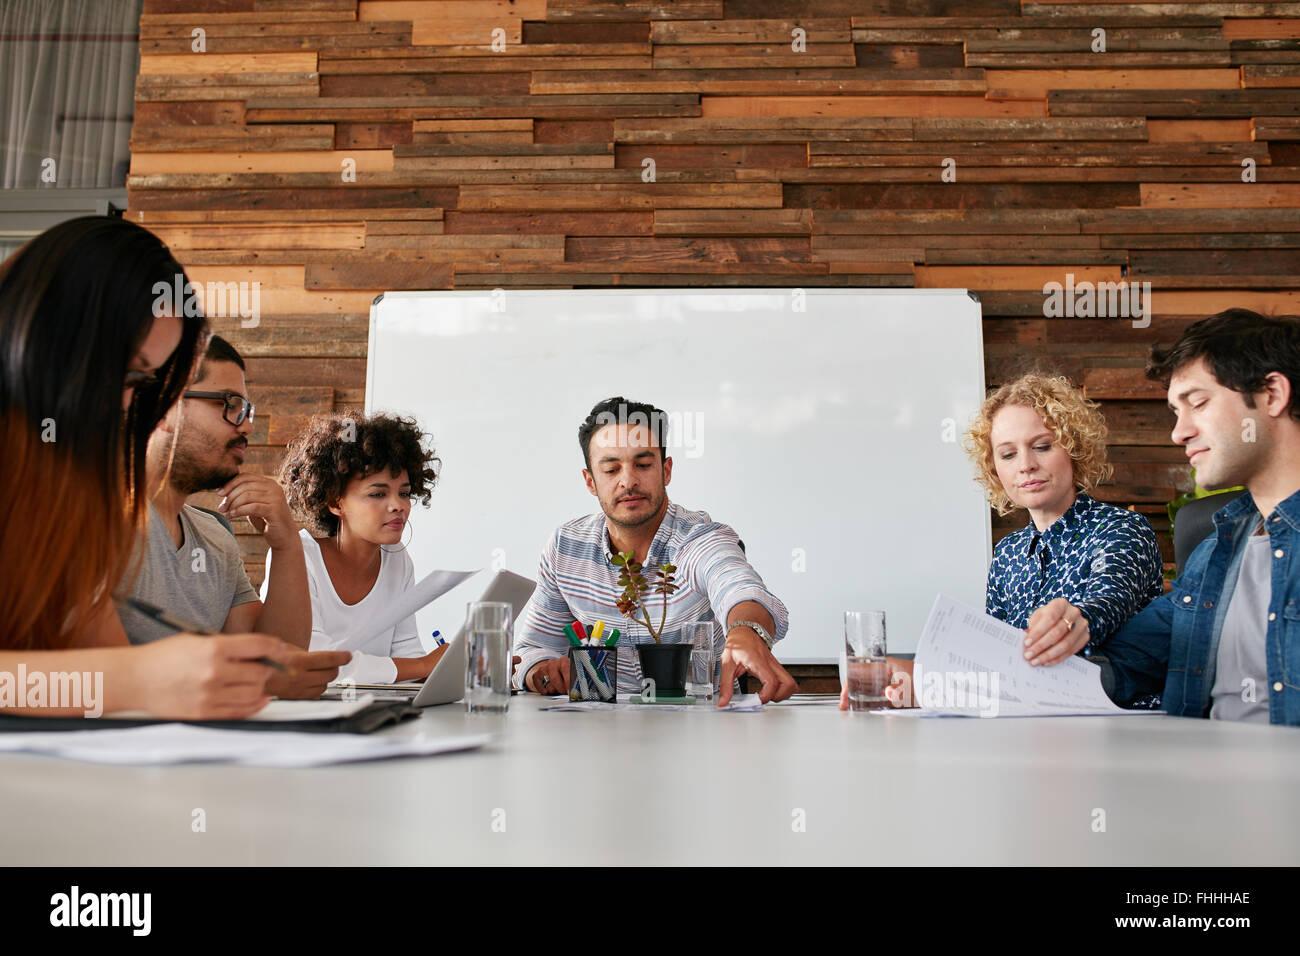 Porträt des Teams von Jugendlichen mit einem Treffen im Büro. Junge Männer und Frauen sitzen Konferenztisch Stockbild